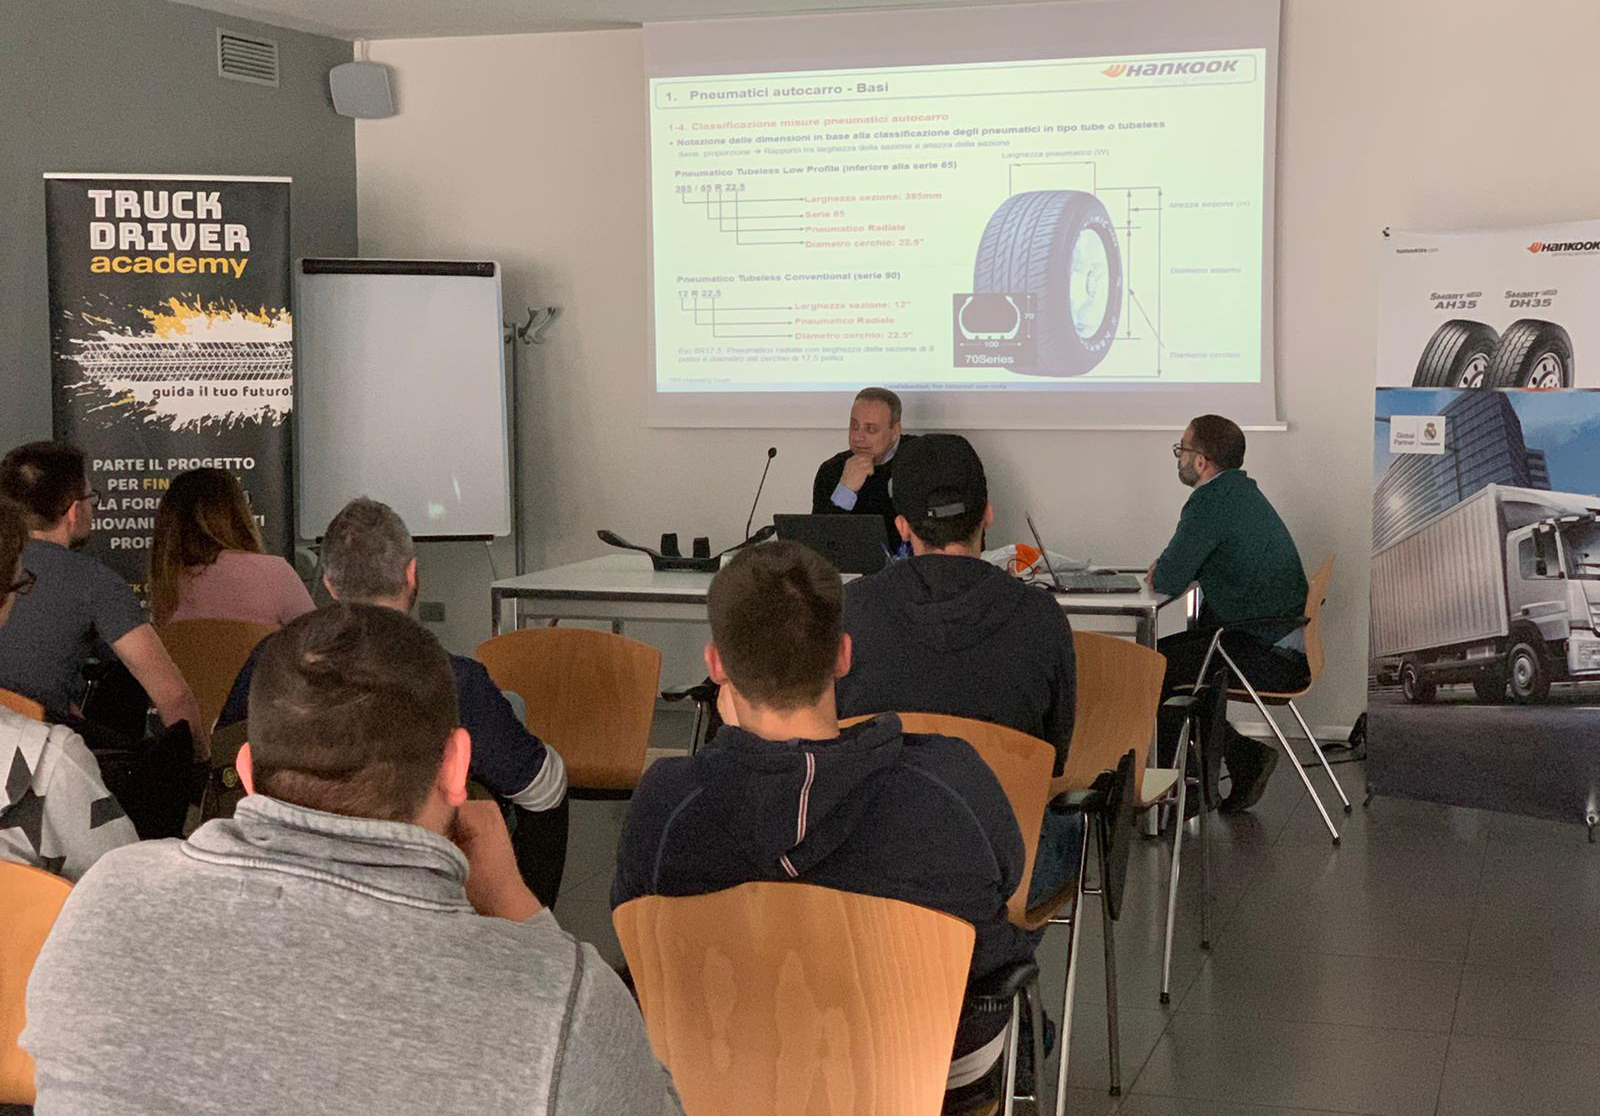 Una lezione di una precedente edizione della Truck Driver Academy (TDA) organizzata da Astra Cuneo